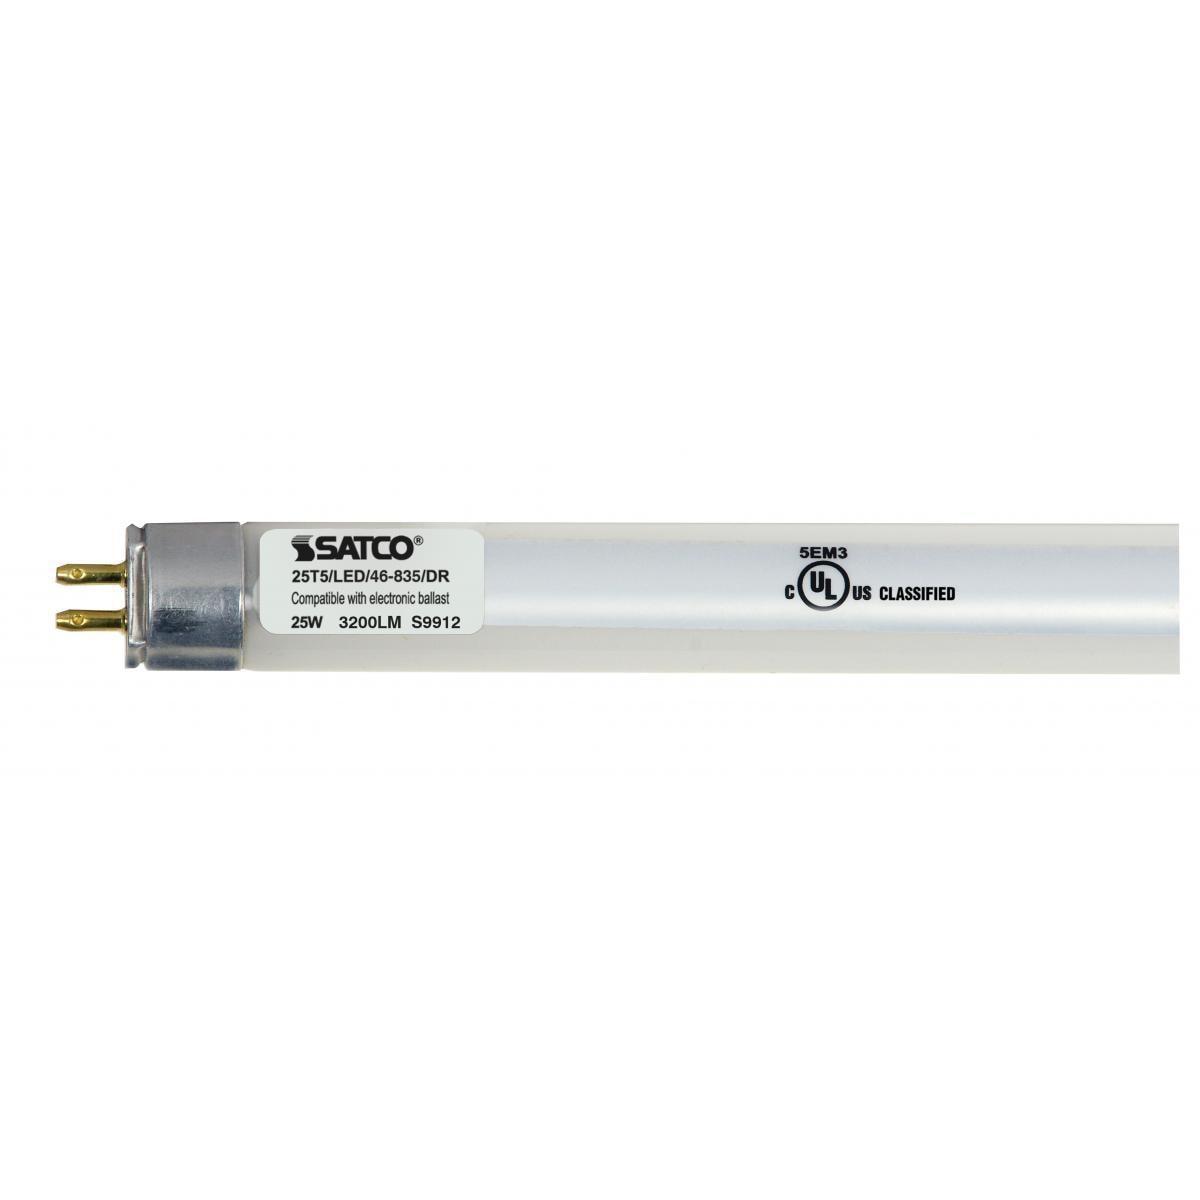 SATCO 25W LED T5 Tube - Miniature Bi-Pin Base - 3500K - 3...